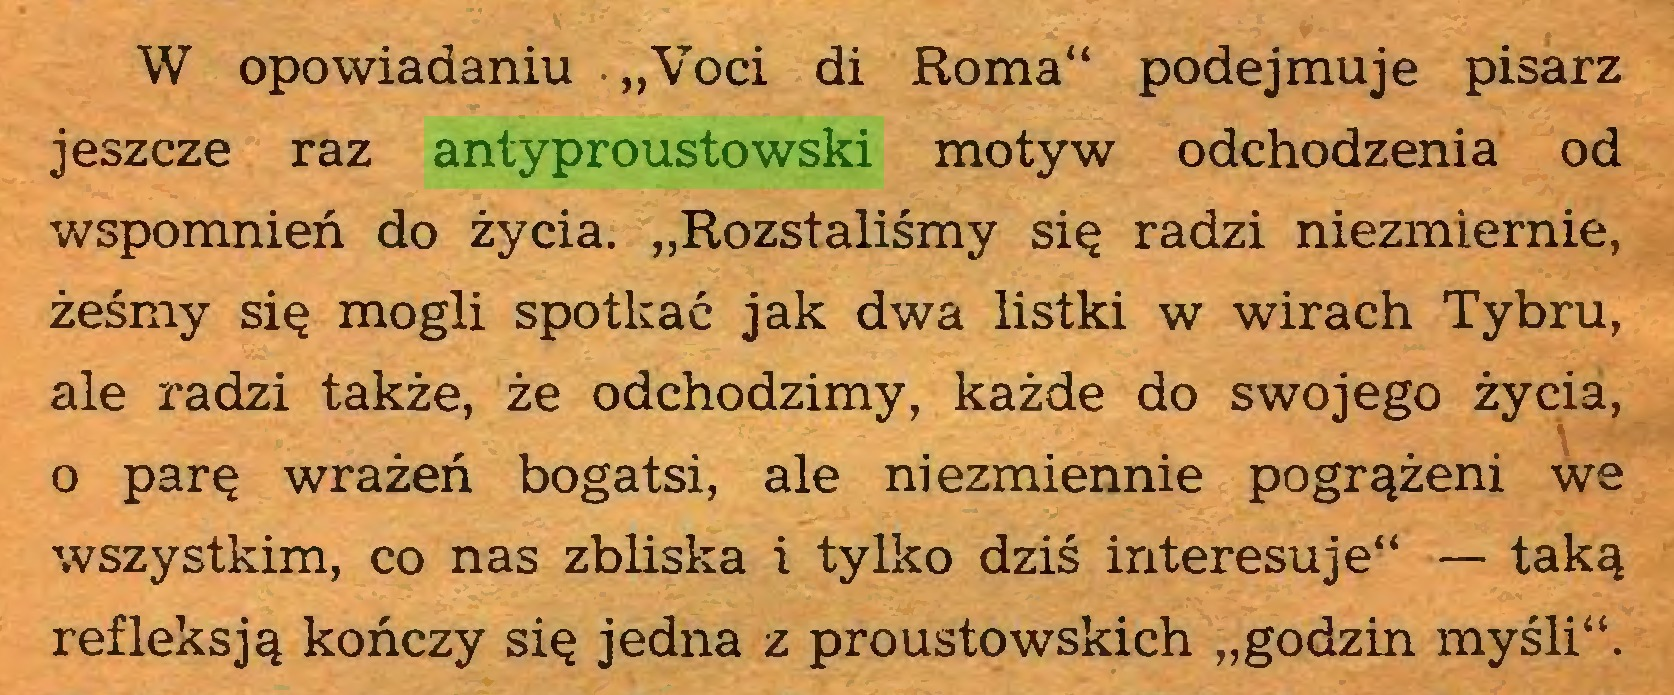 """(...) W opowiadaniu """"Voci di Roma"""" podejmuje pisarz jeszcze raz antyproustowski motyw odchodzenia od wspomnień do życia. """"Rozstaliśmy się radzi niezmiernie, żeśmy się mogli spotkać jak dwa listki w wirach Tybru, ale radzi także, że odchodzimy, każde do swojego życia, o parę wrażeń bogatsi, ale niezmiennie pogrążeni we wszystkim, co nas zbliska i tylko dziś interesuje"""" — taką refleksją kończy się jedna z proustowskich """"godzin myśli""""..."""